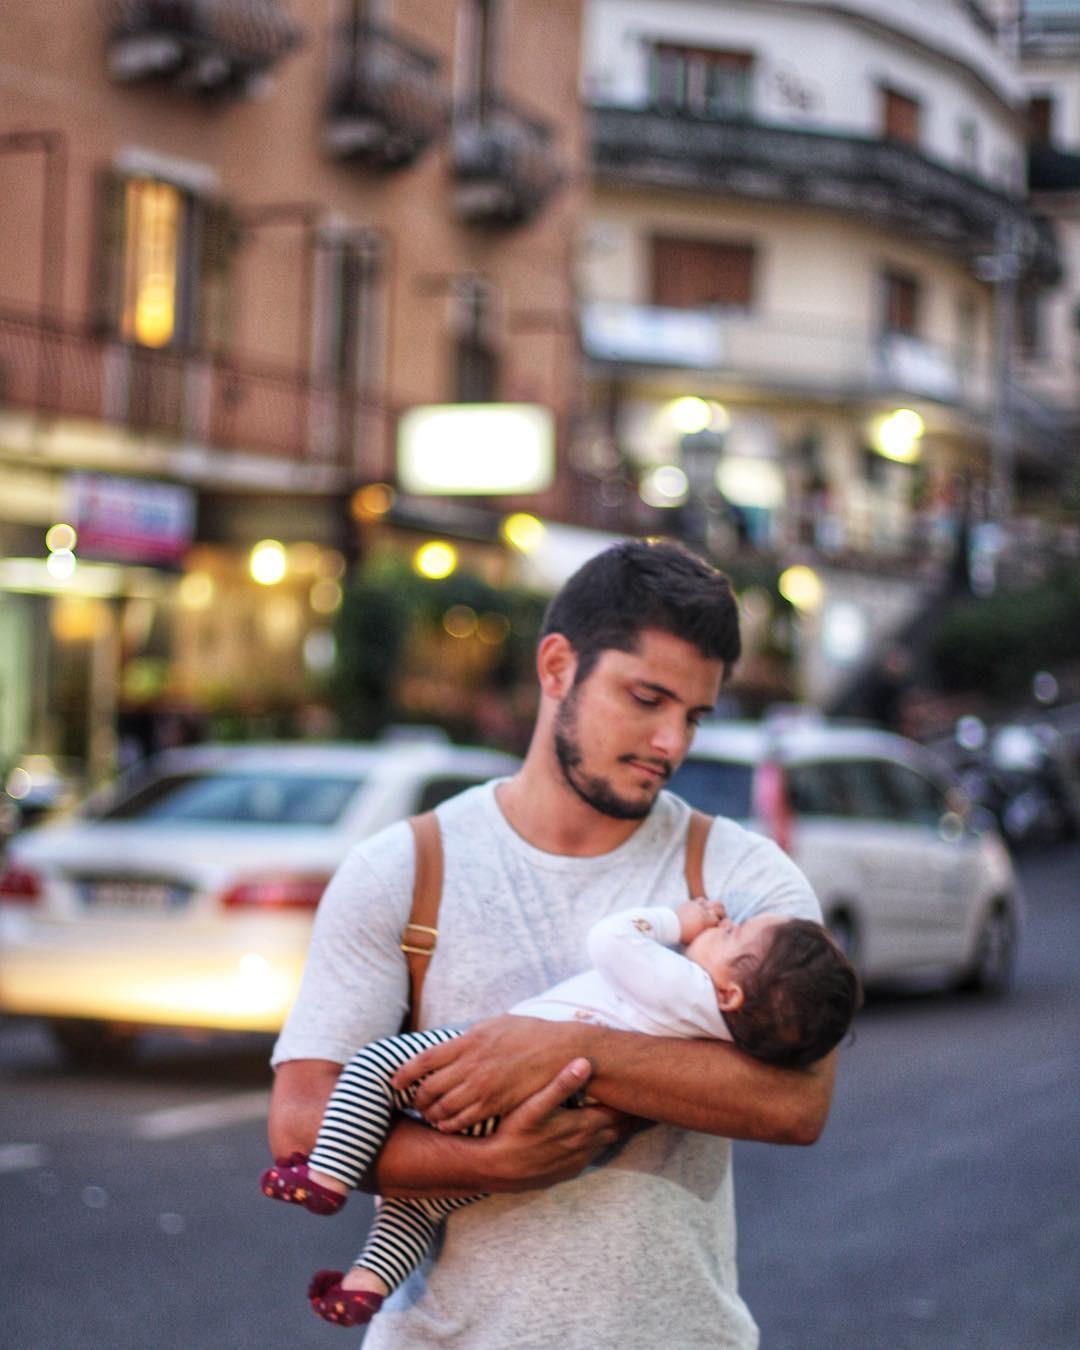 Para Bruno, segurar Madalena nos braços é segurar o amor em forma física (Foto: Reprodução/Instagram)